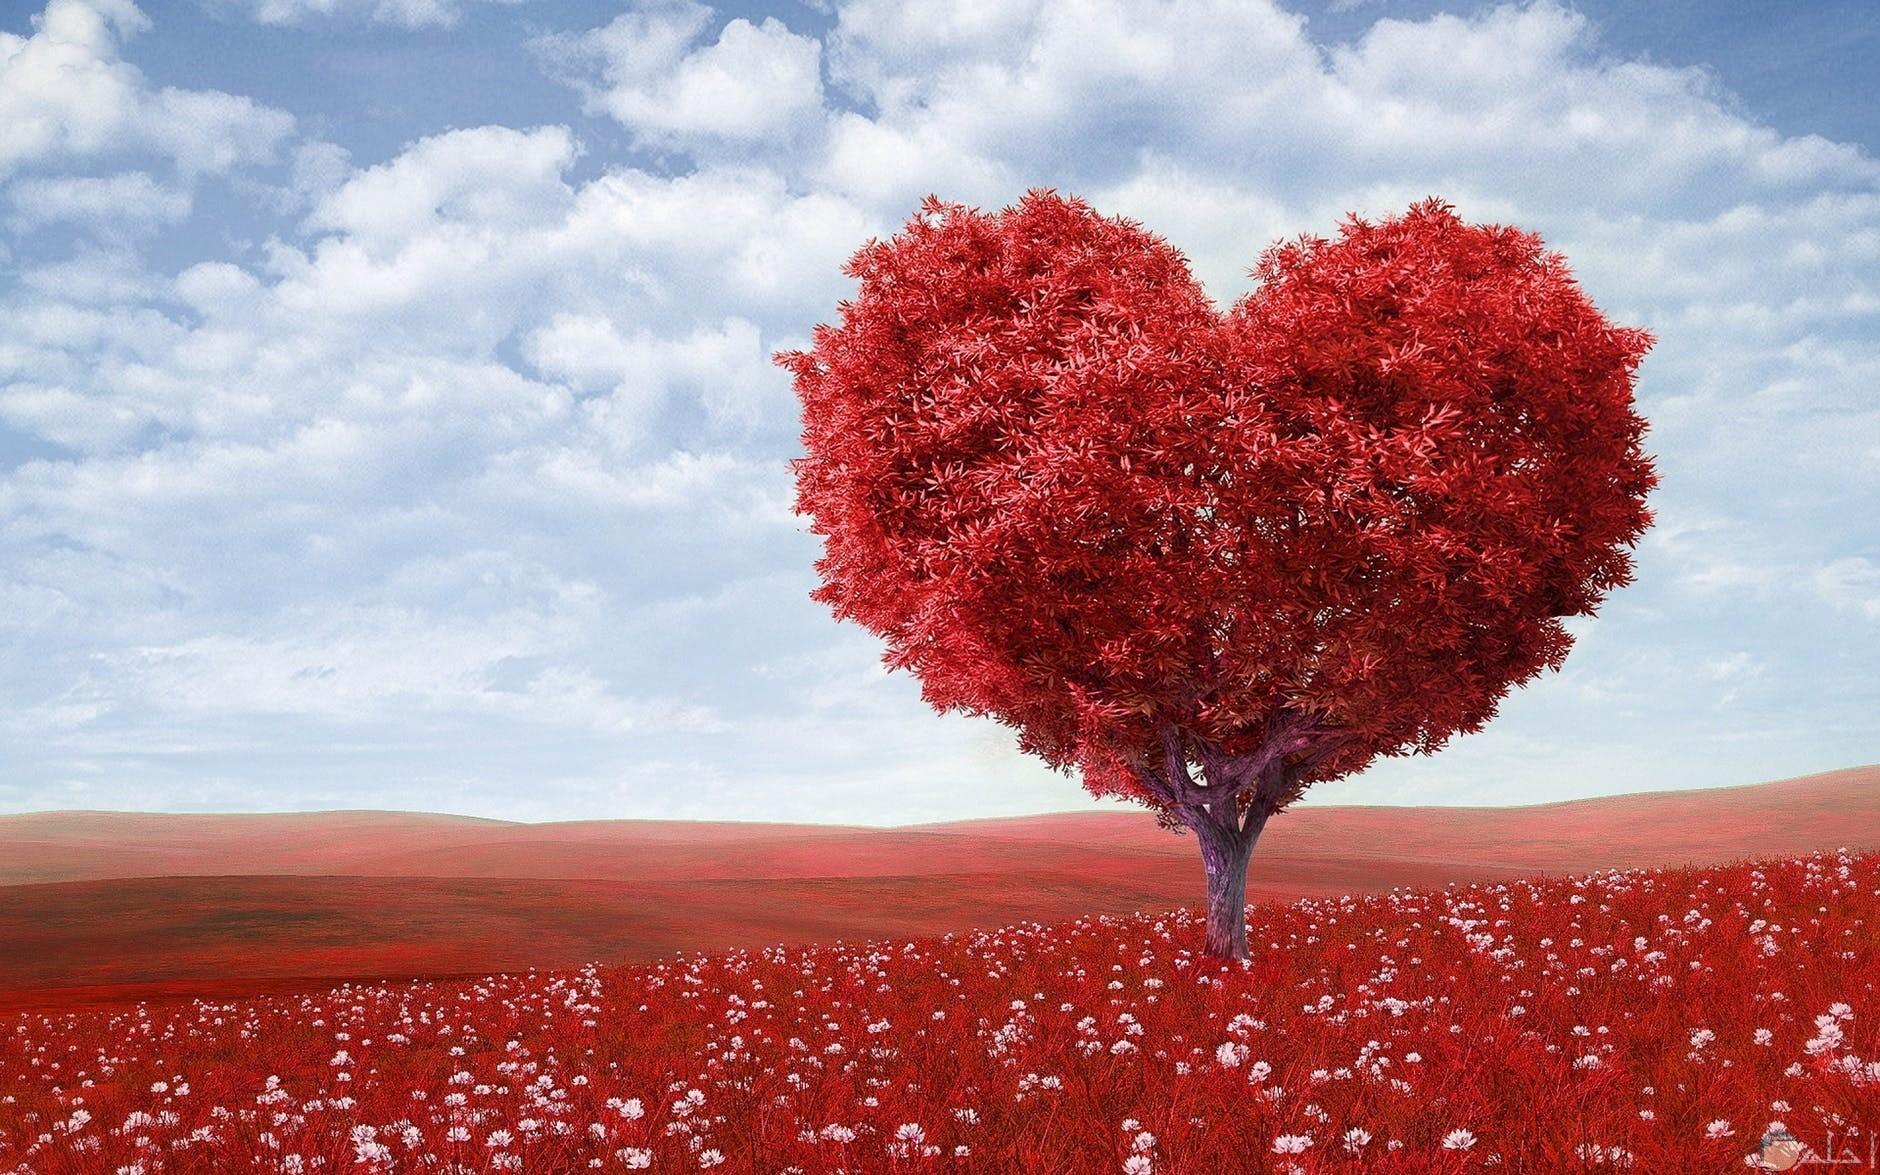 شجرة عبارة عن قلب كبير محببة لدي البنات